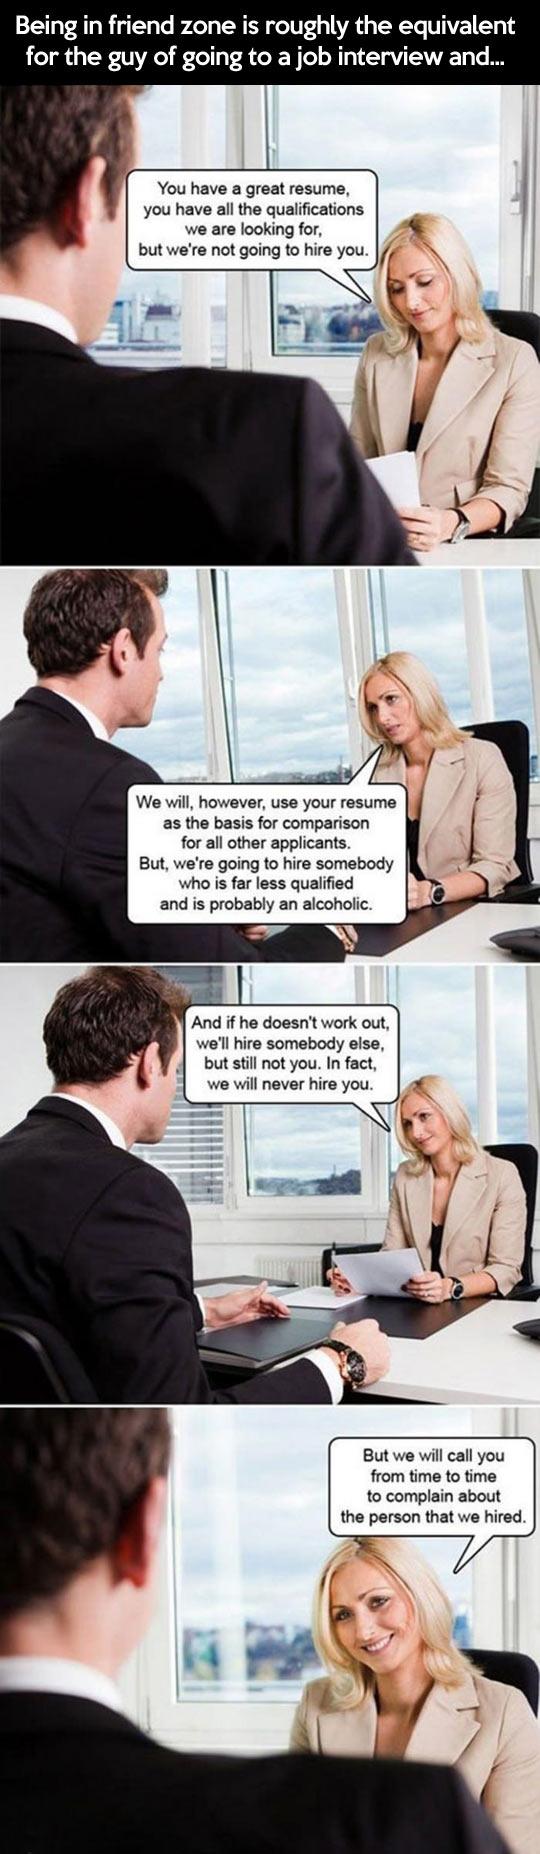 Friendzone explained professionally….